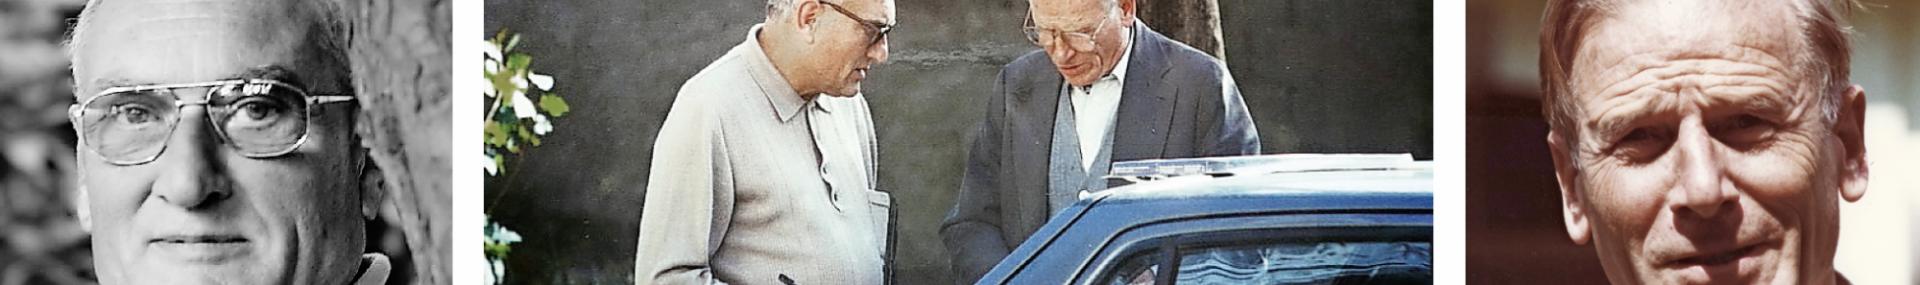 Charles Deckers (rechts) met zijn confrater Eric Bladt op de binnenkoer van Tizi Ouzou in Kabylië, waar pater Deckers op 27 december 1994 werd neergeschoten © RR